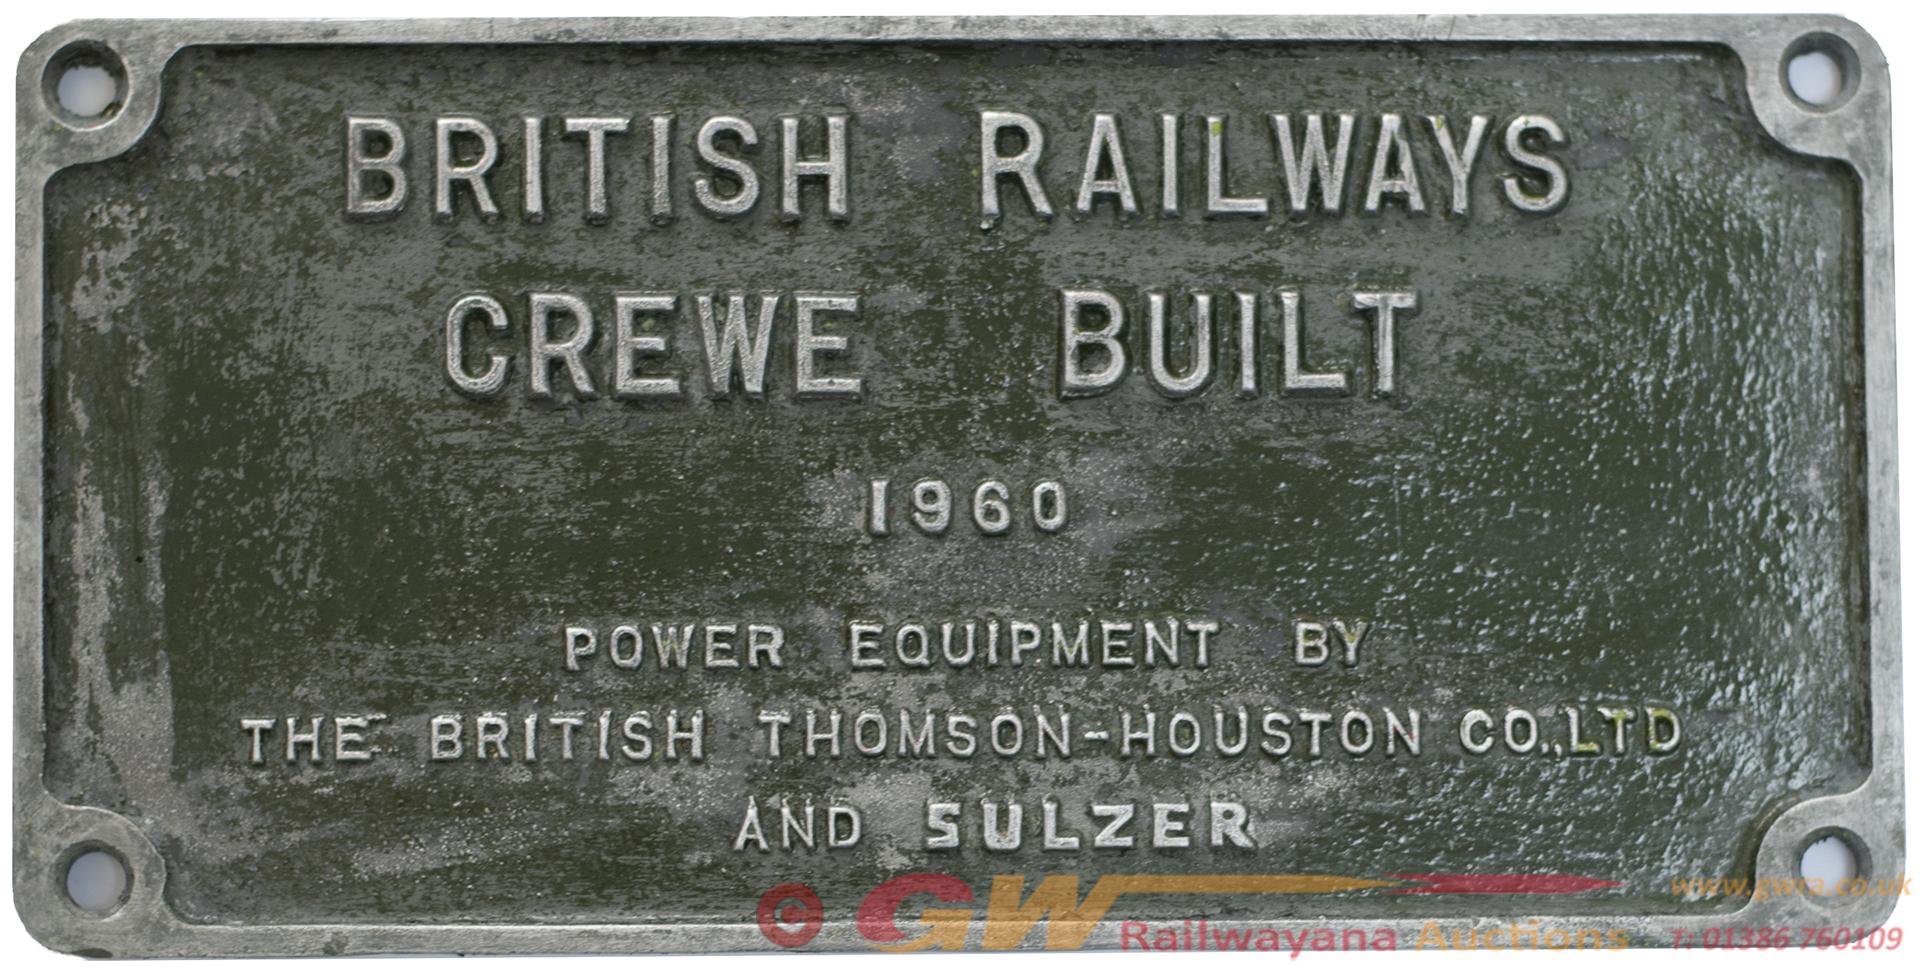 Worksplate BRITISH RAILWAYS CREWE BUILT 1960 POWER